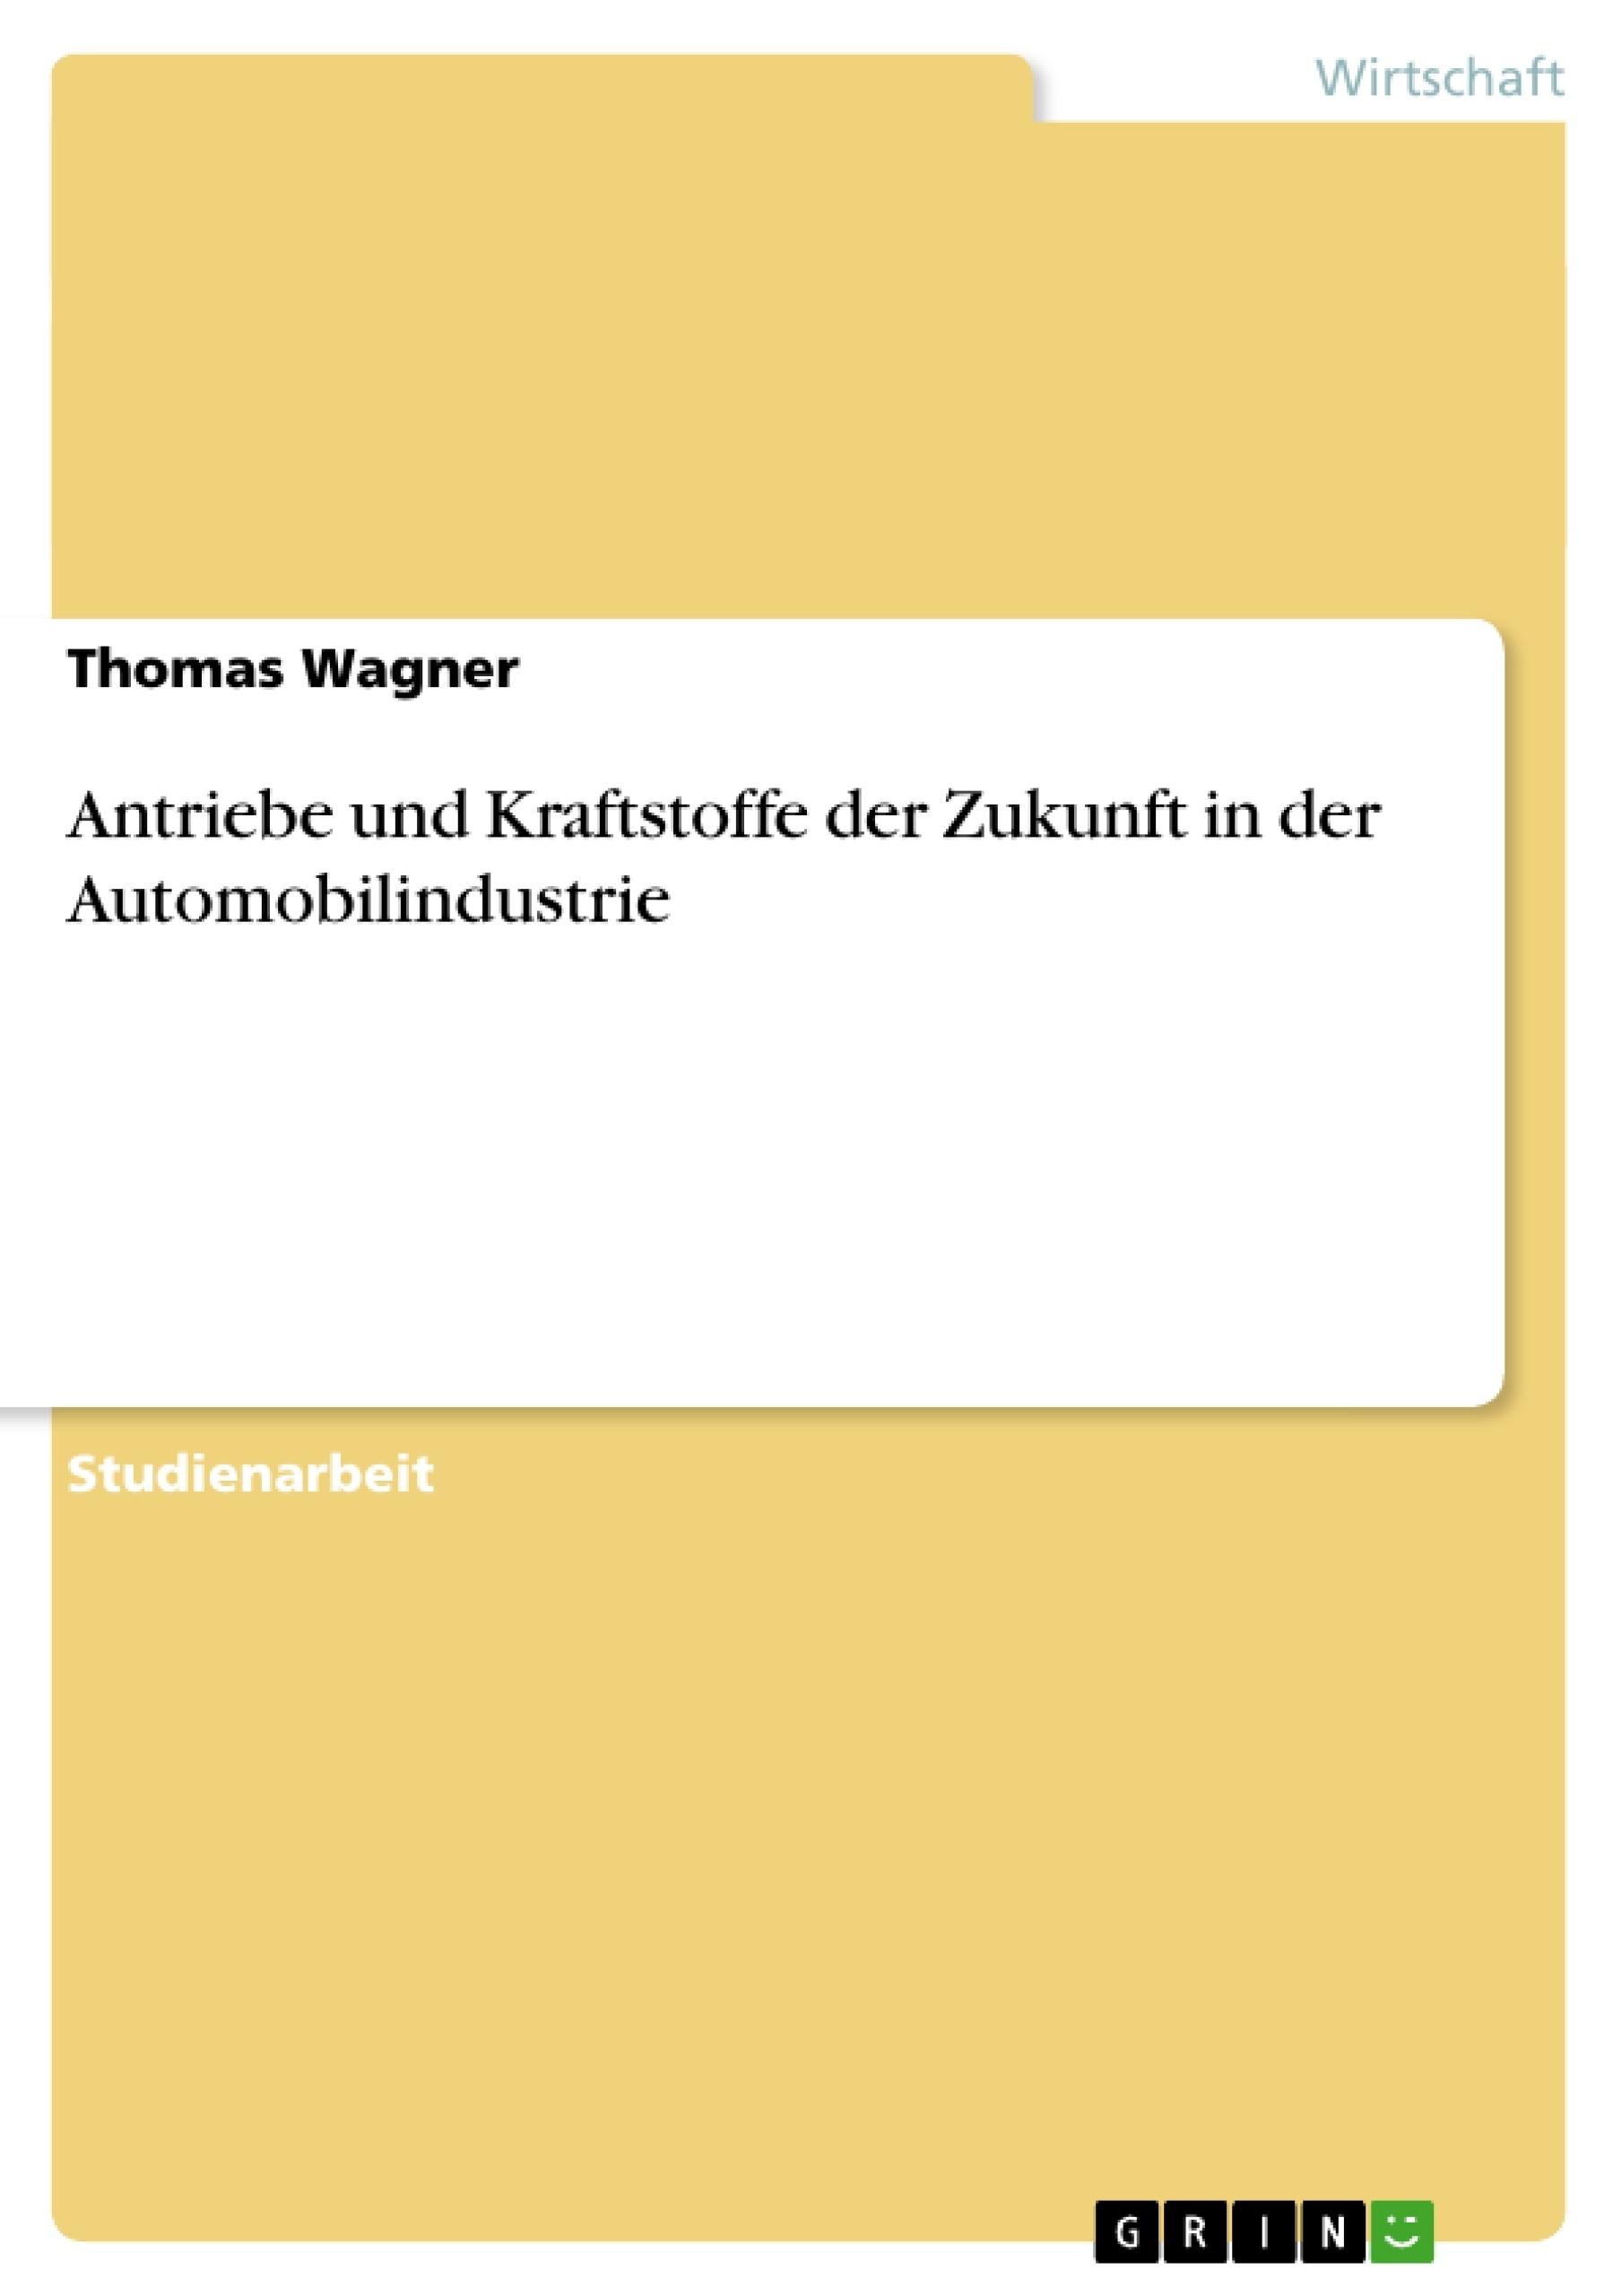 Titel: Antriebe und Kraftstoffe der Zukunft in der Automobilindustrie